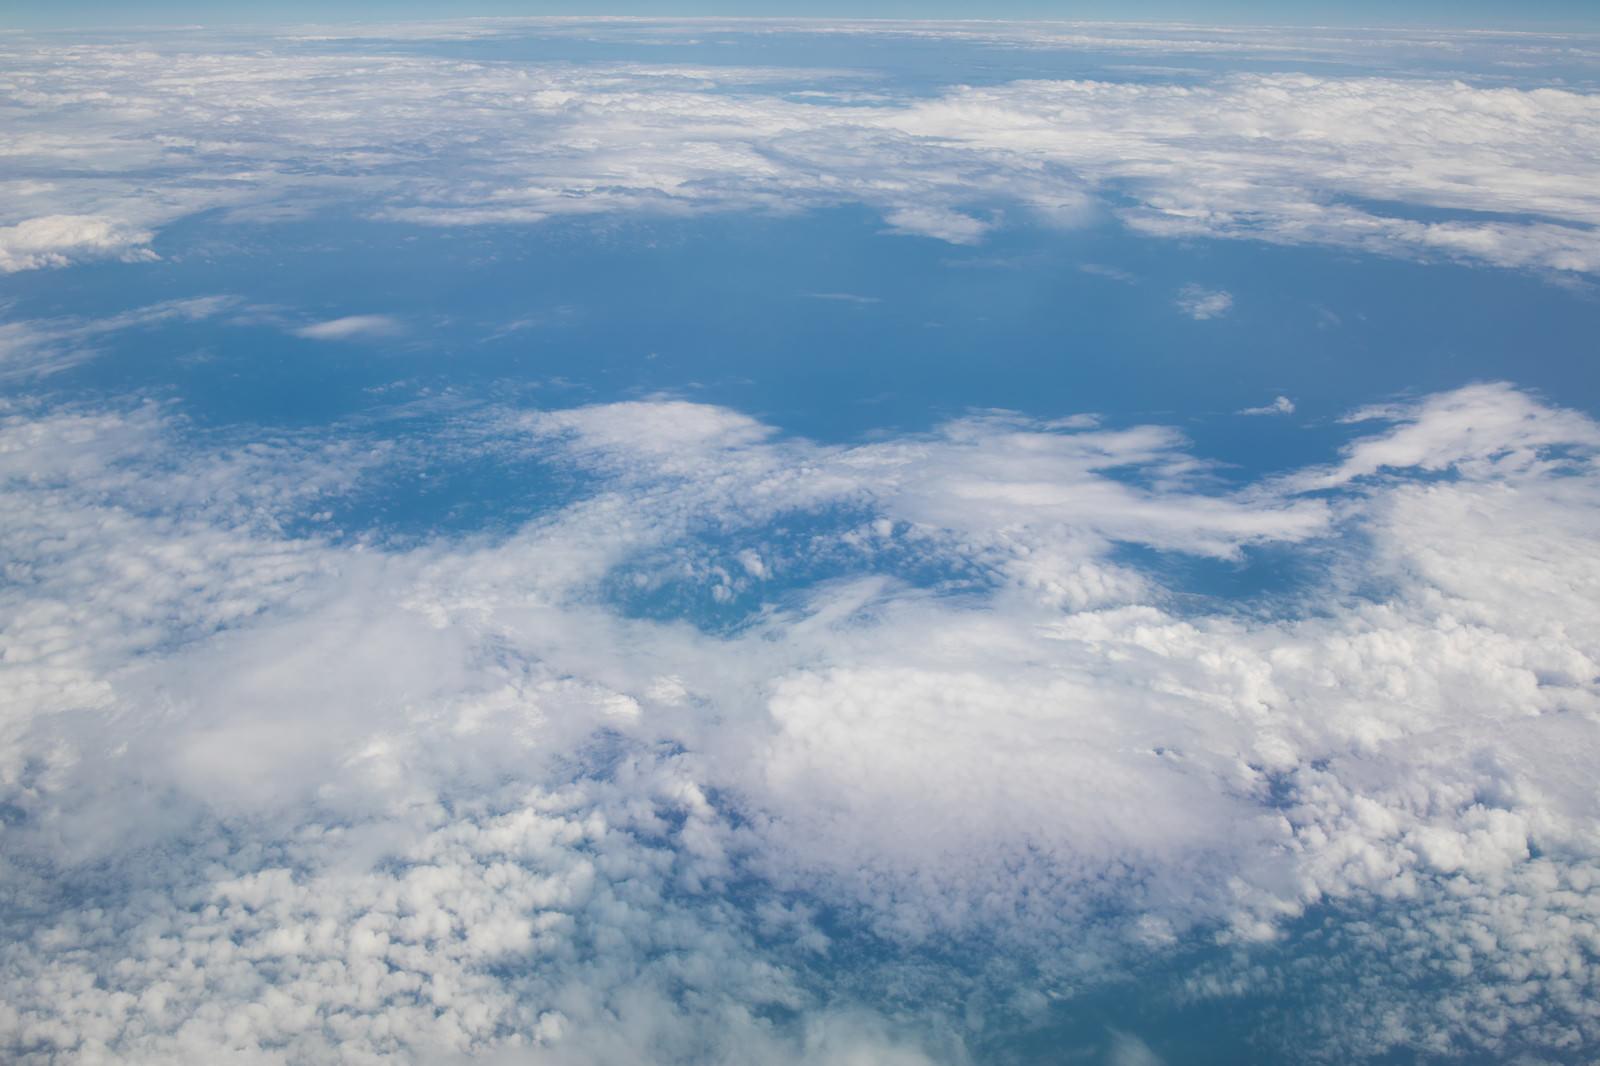 「上空から見下ろす青い海と空」の写真